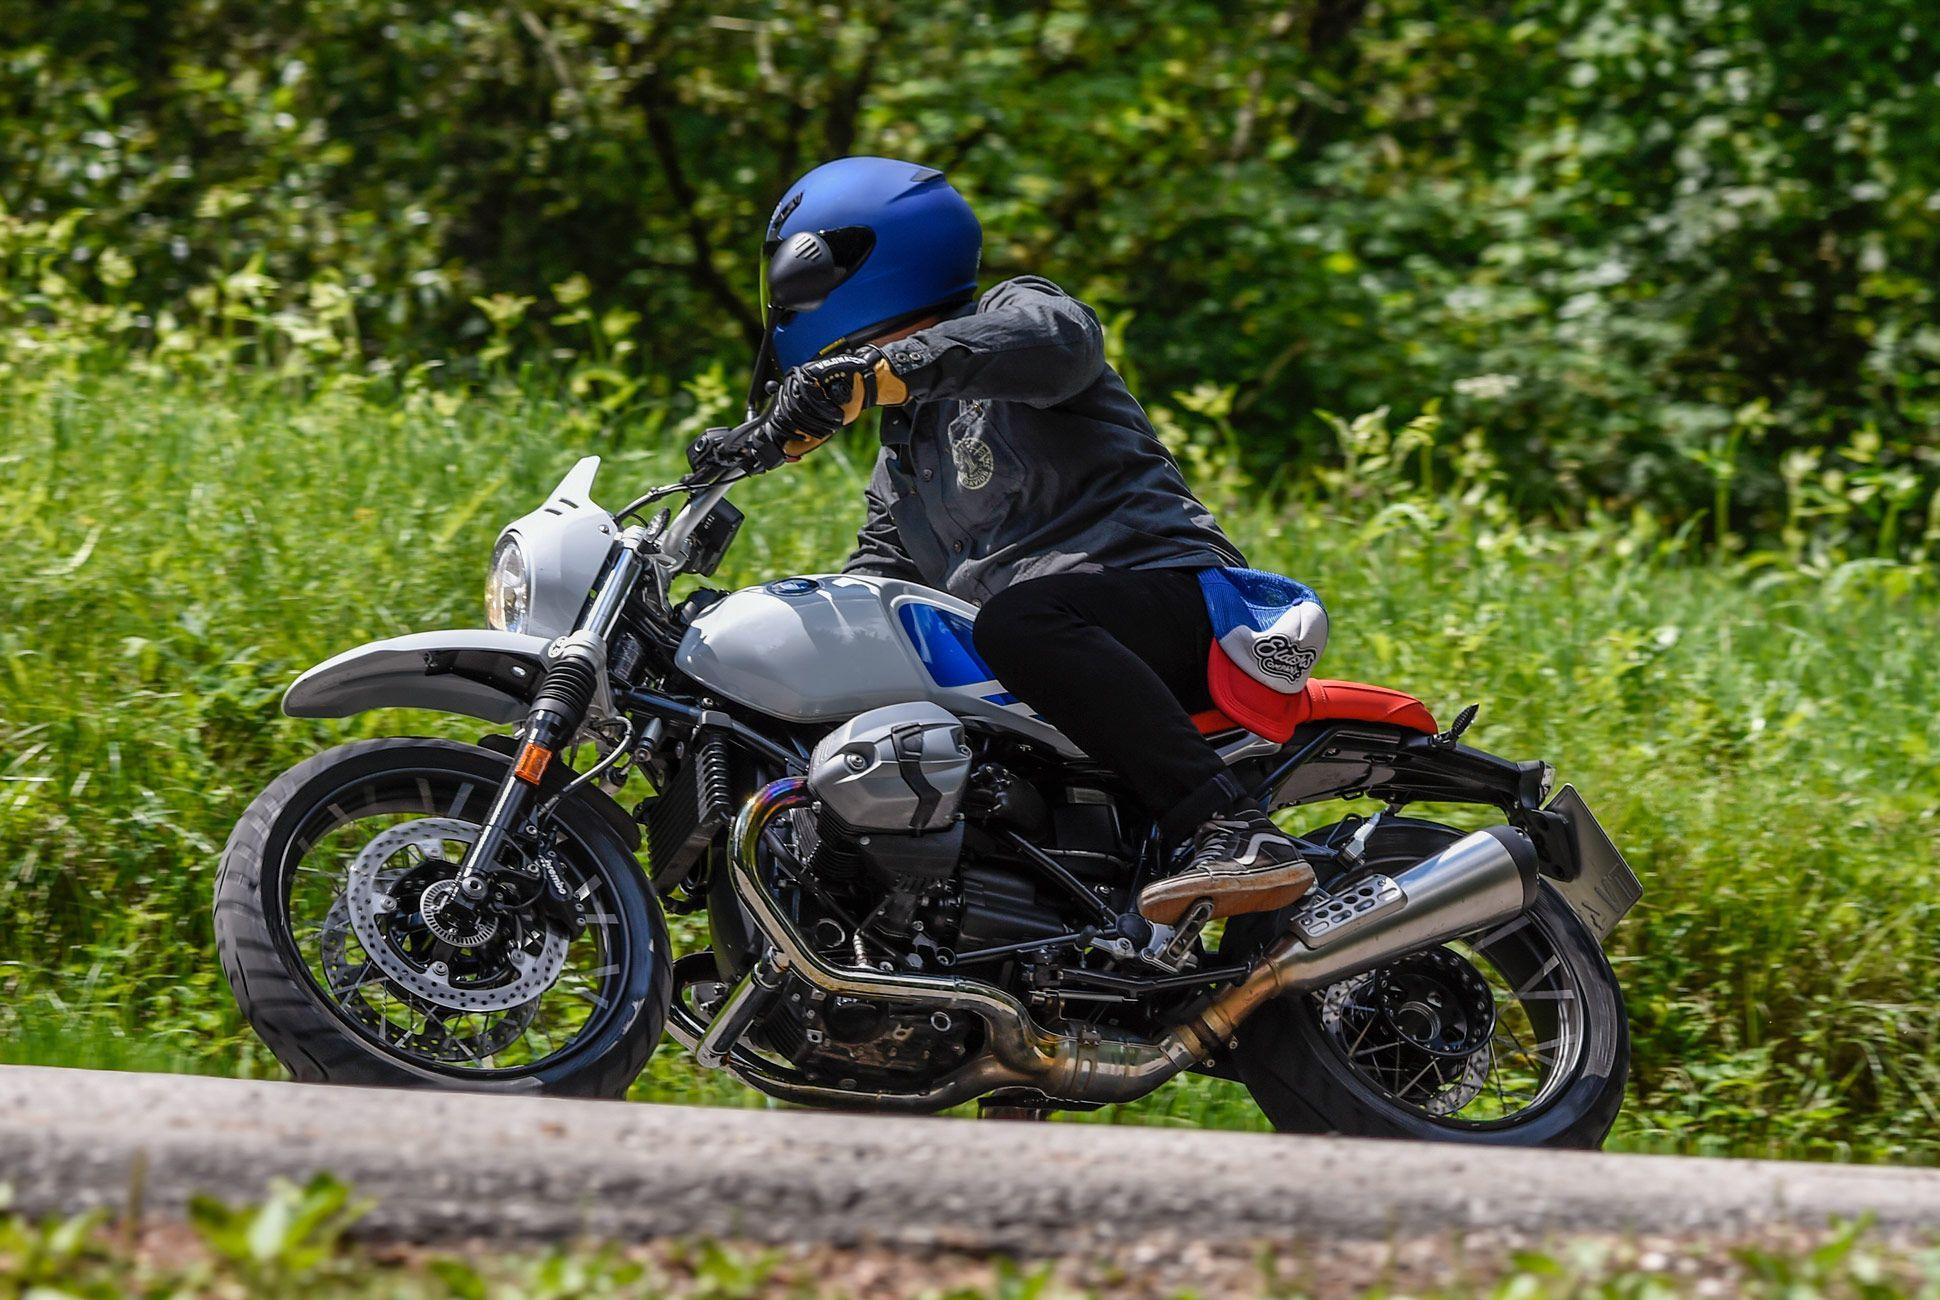 BMW-RnineT-Urban-GS-Gear-Patrol-Slide-1